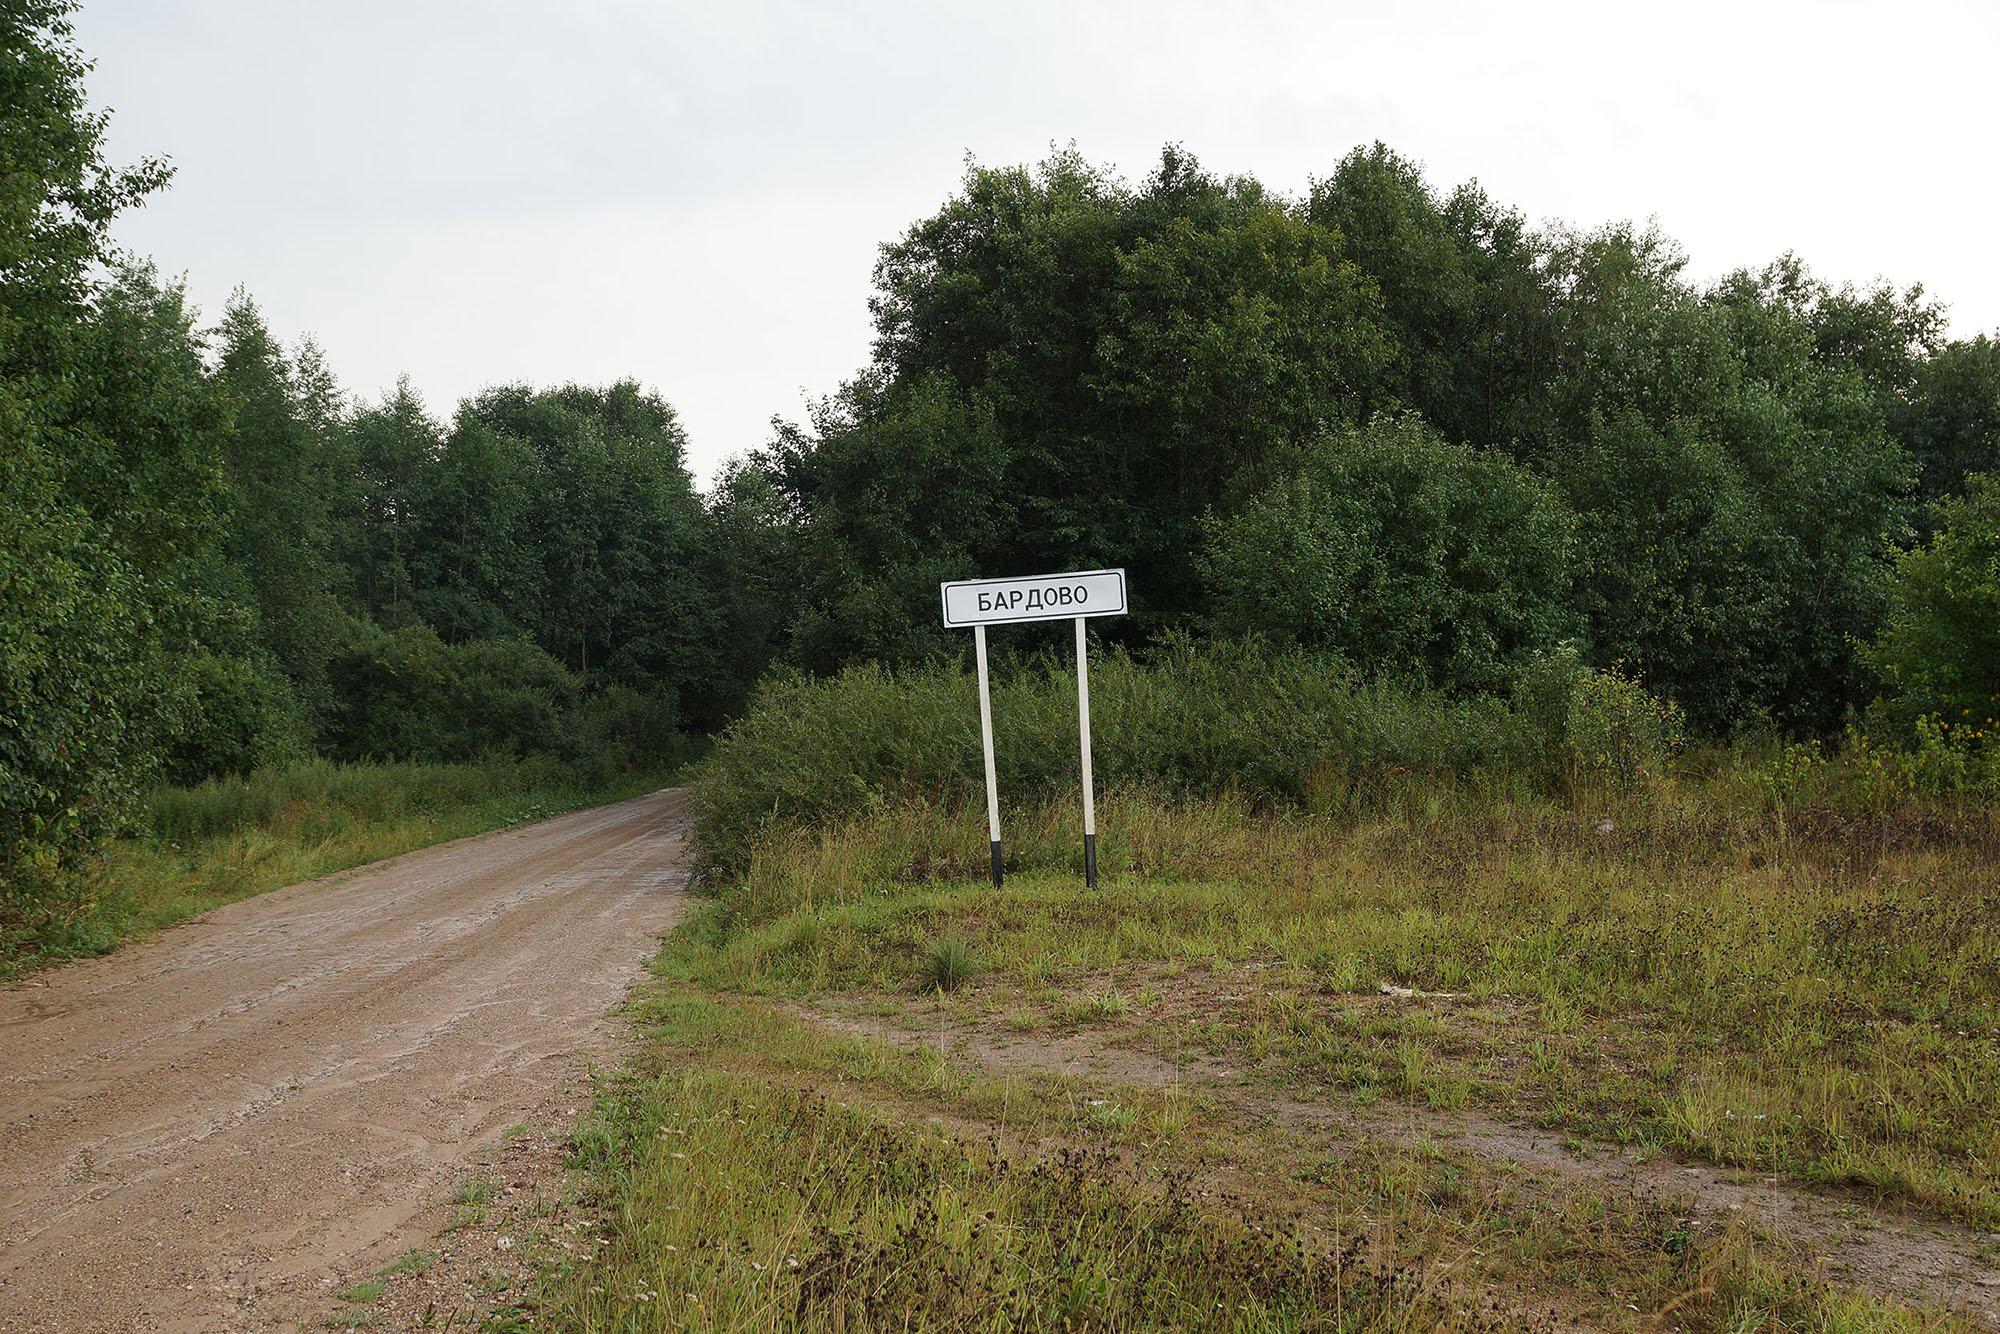 Бардово, Бежаницкий район, Псковская область.